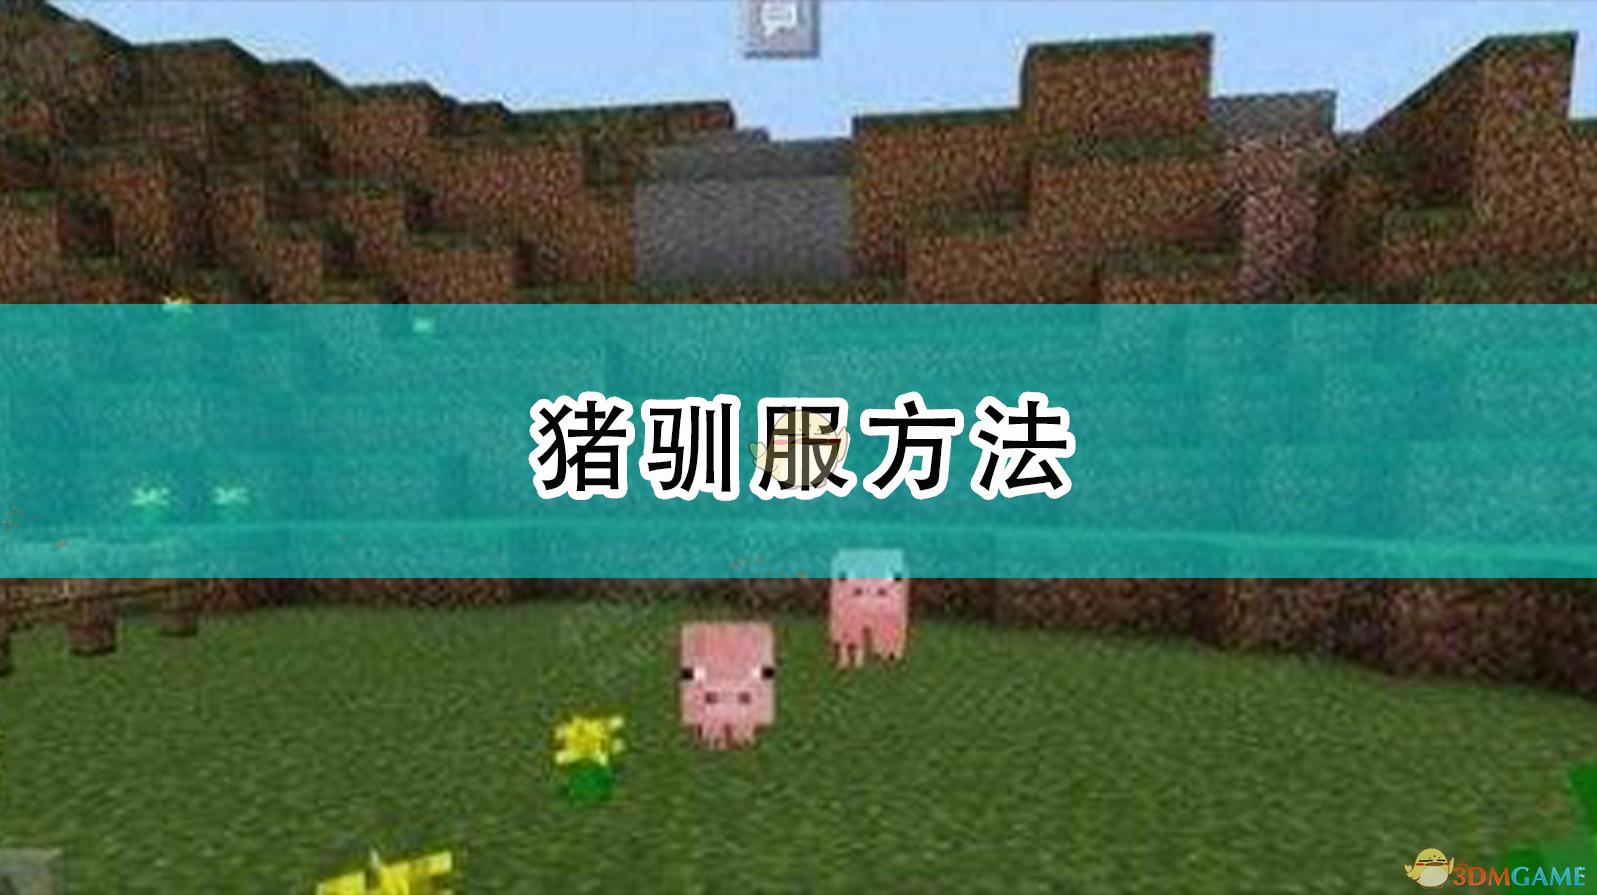 《我的世界》豬馴服方法